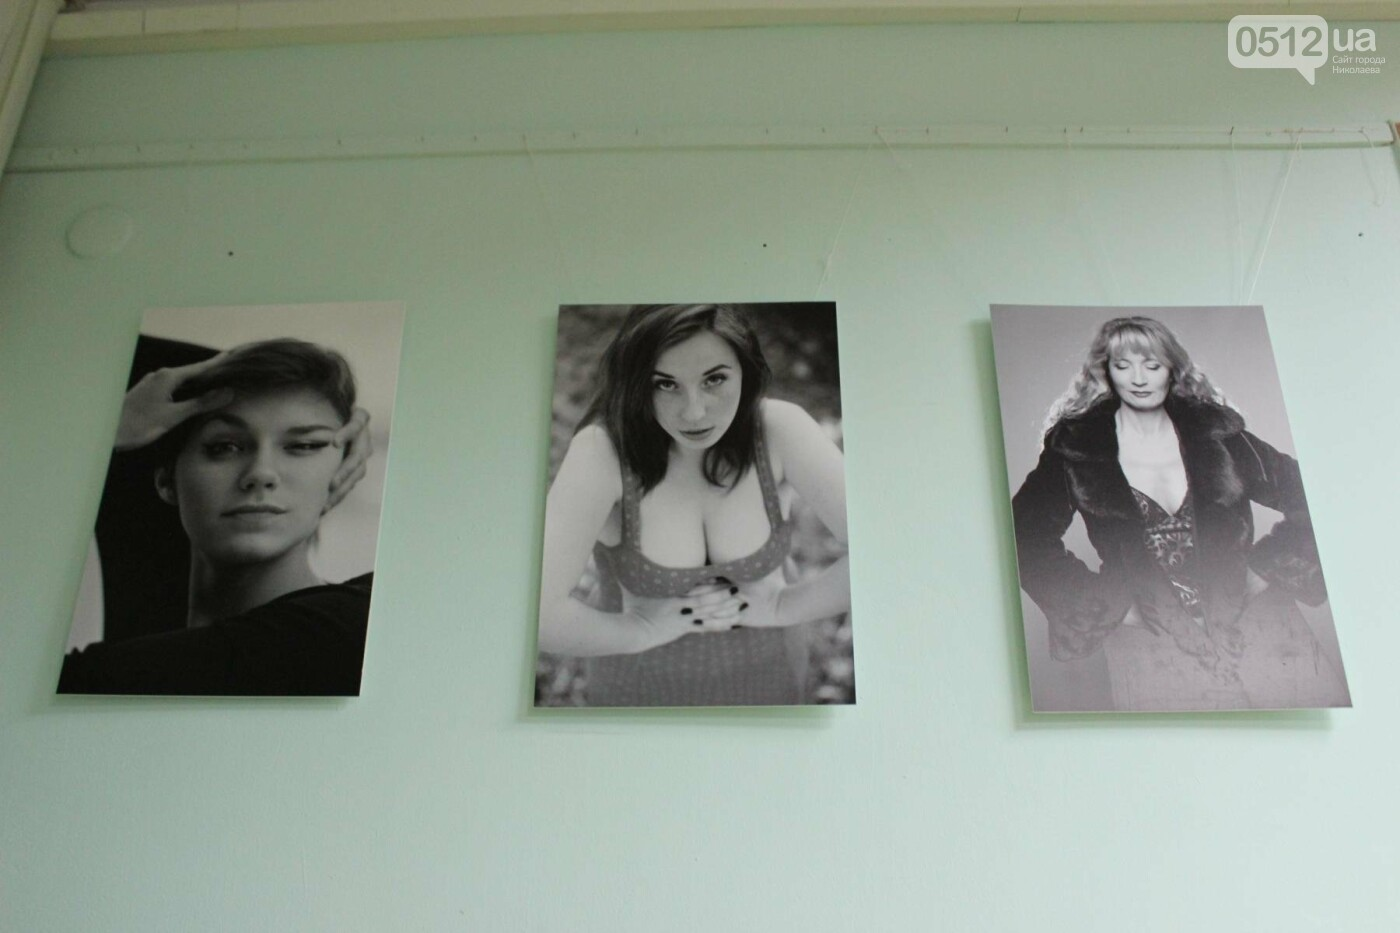 Николаевский фотограф Слава Поседай представила новую выставку «12+1» (ФОТО), фото-1